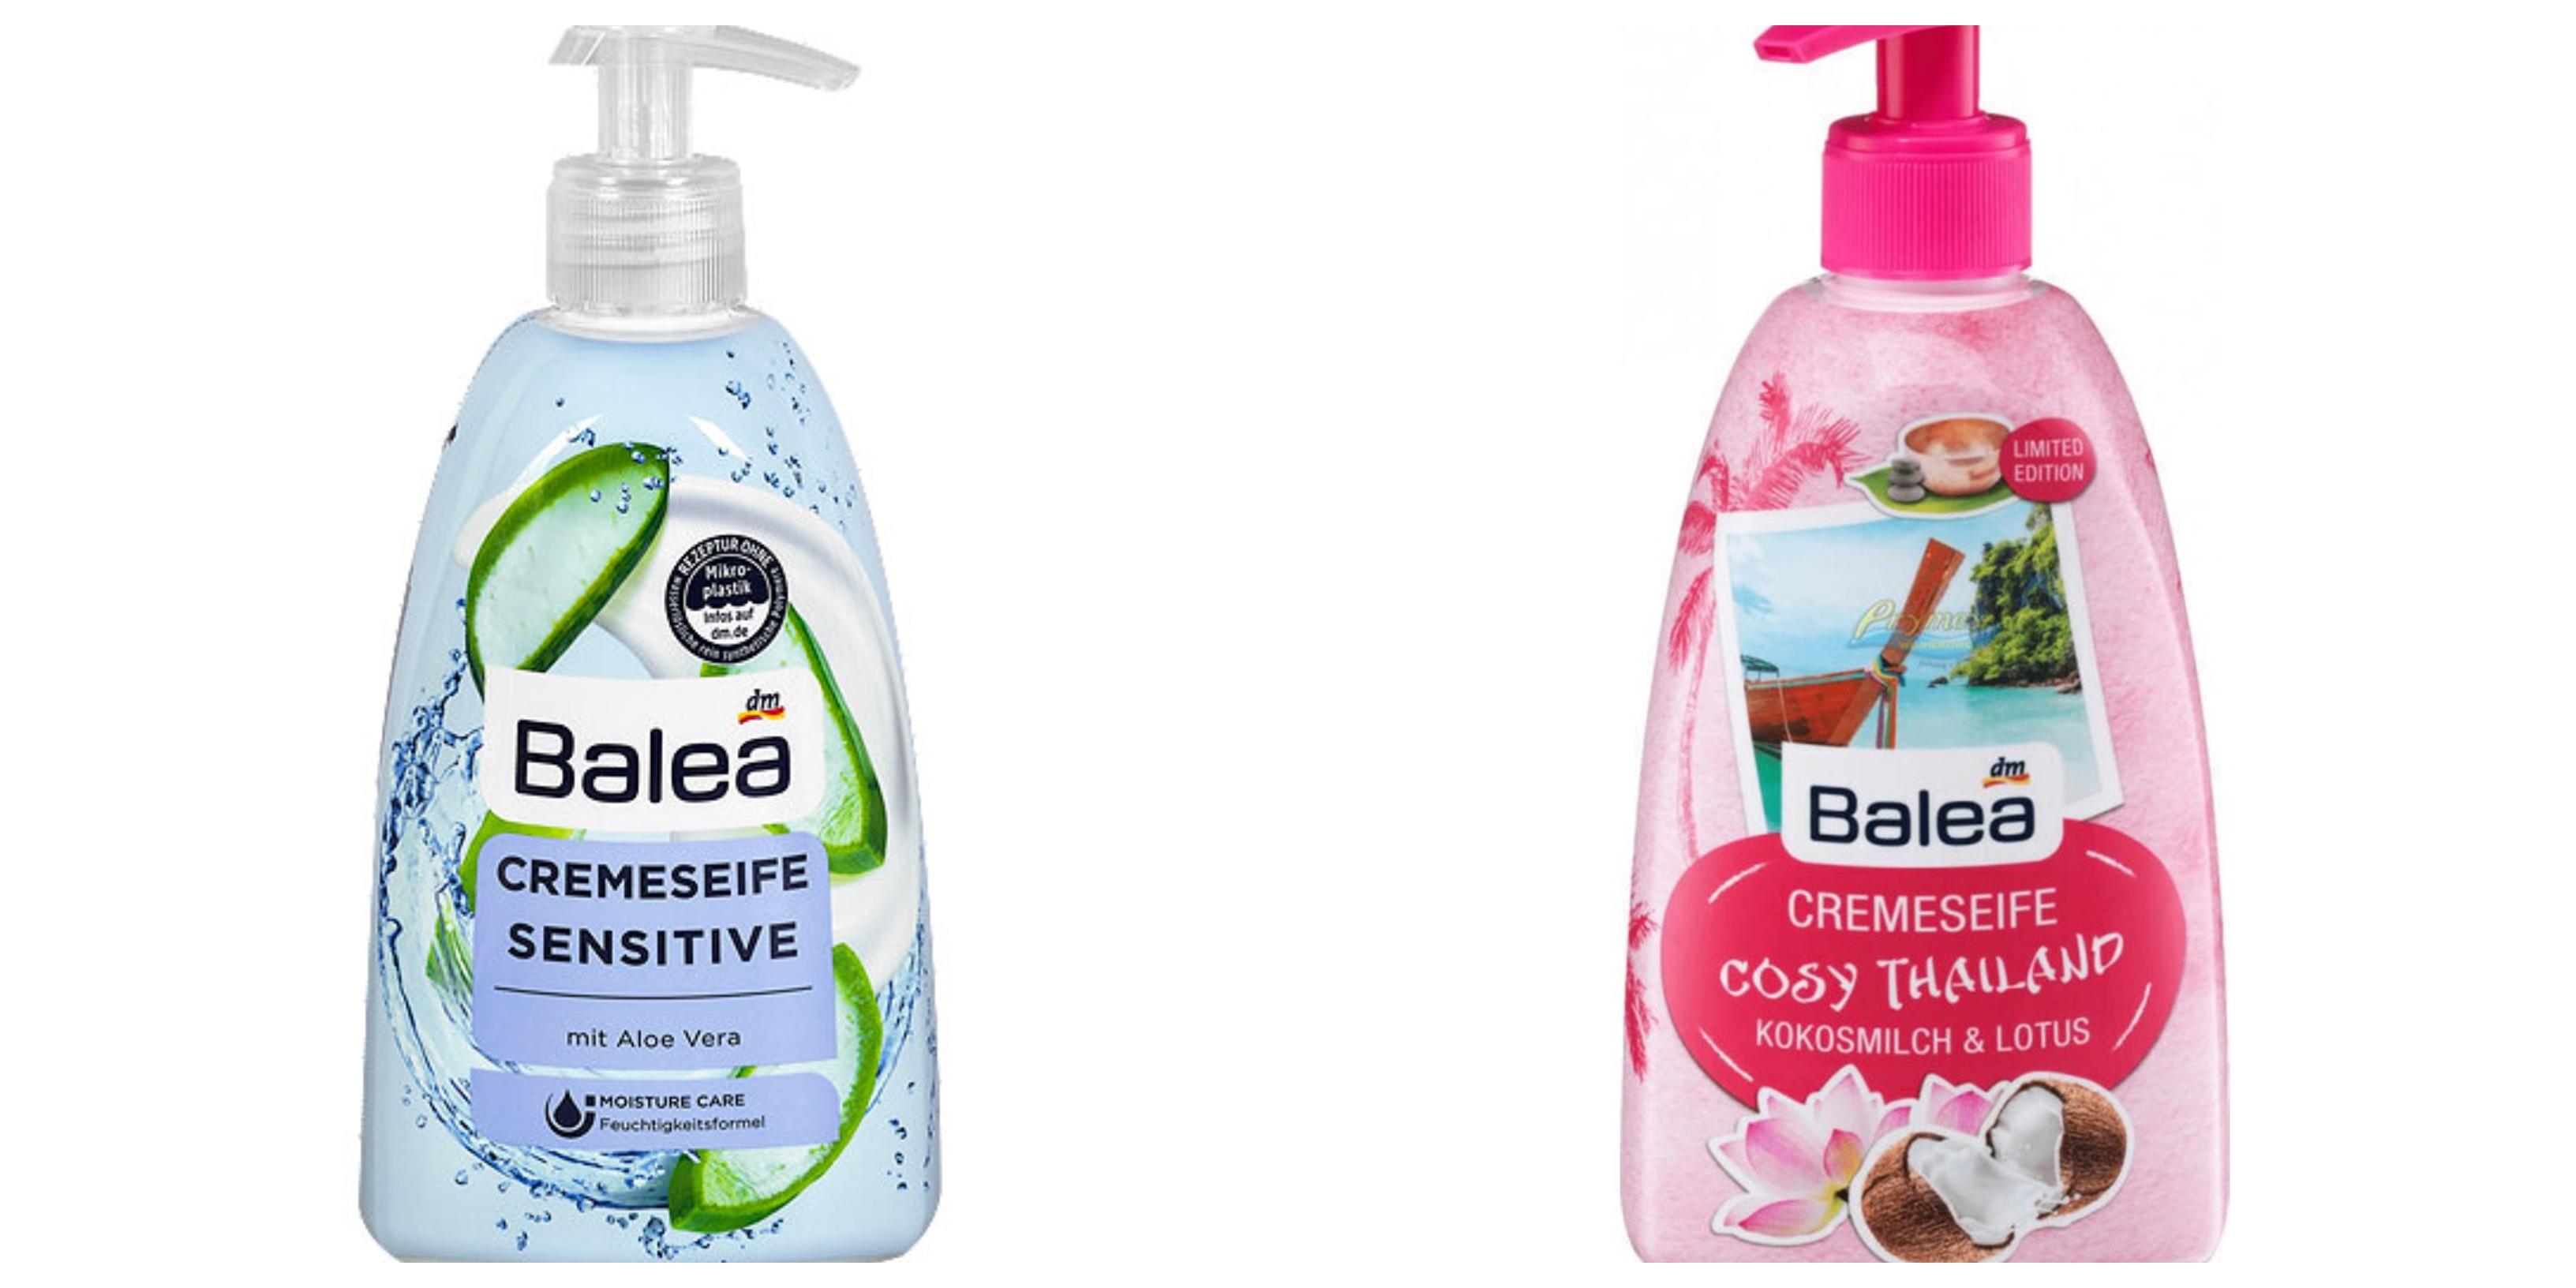 Njegujuće i egzotične sapunske recepture